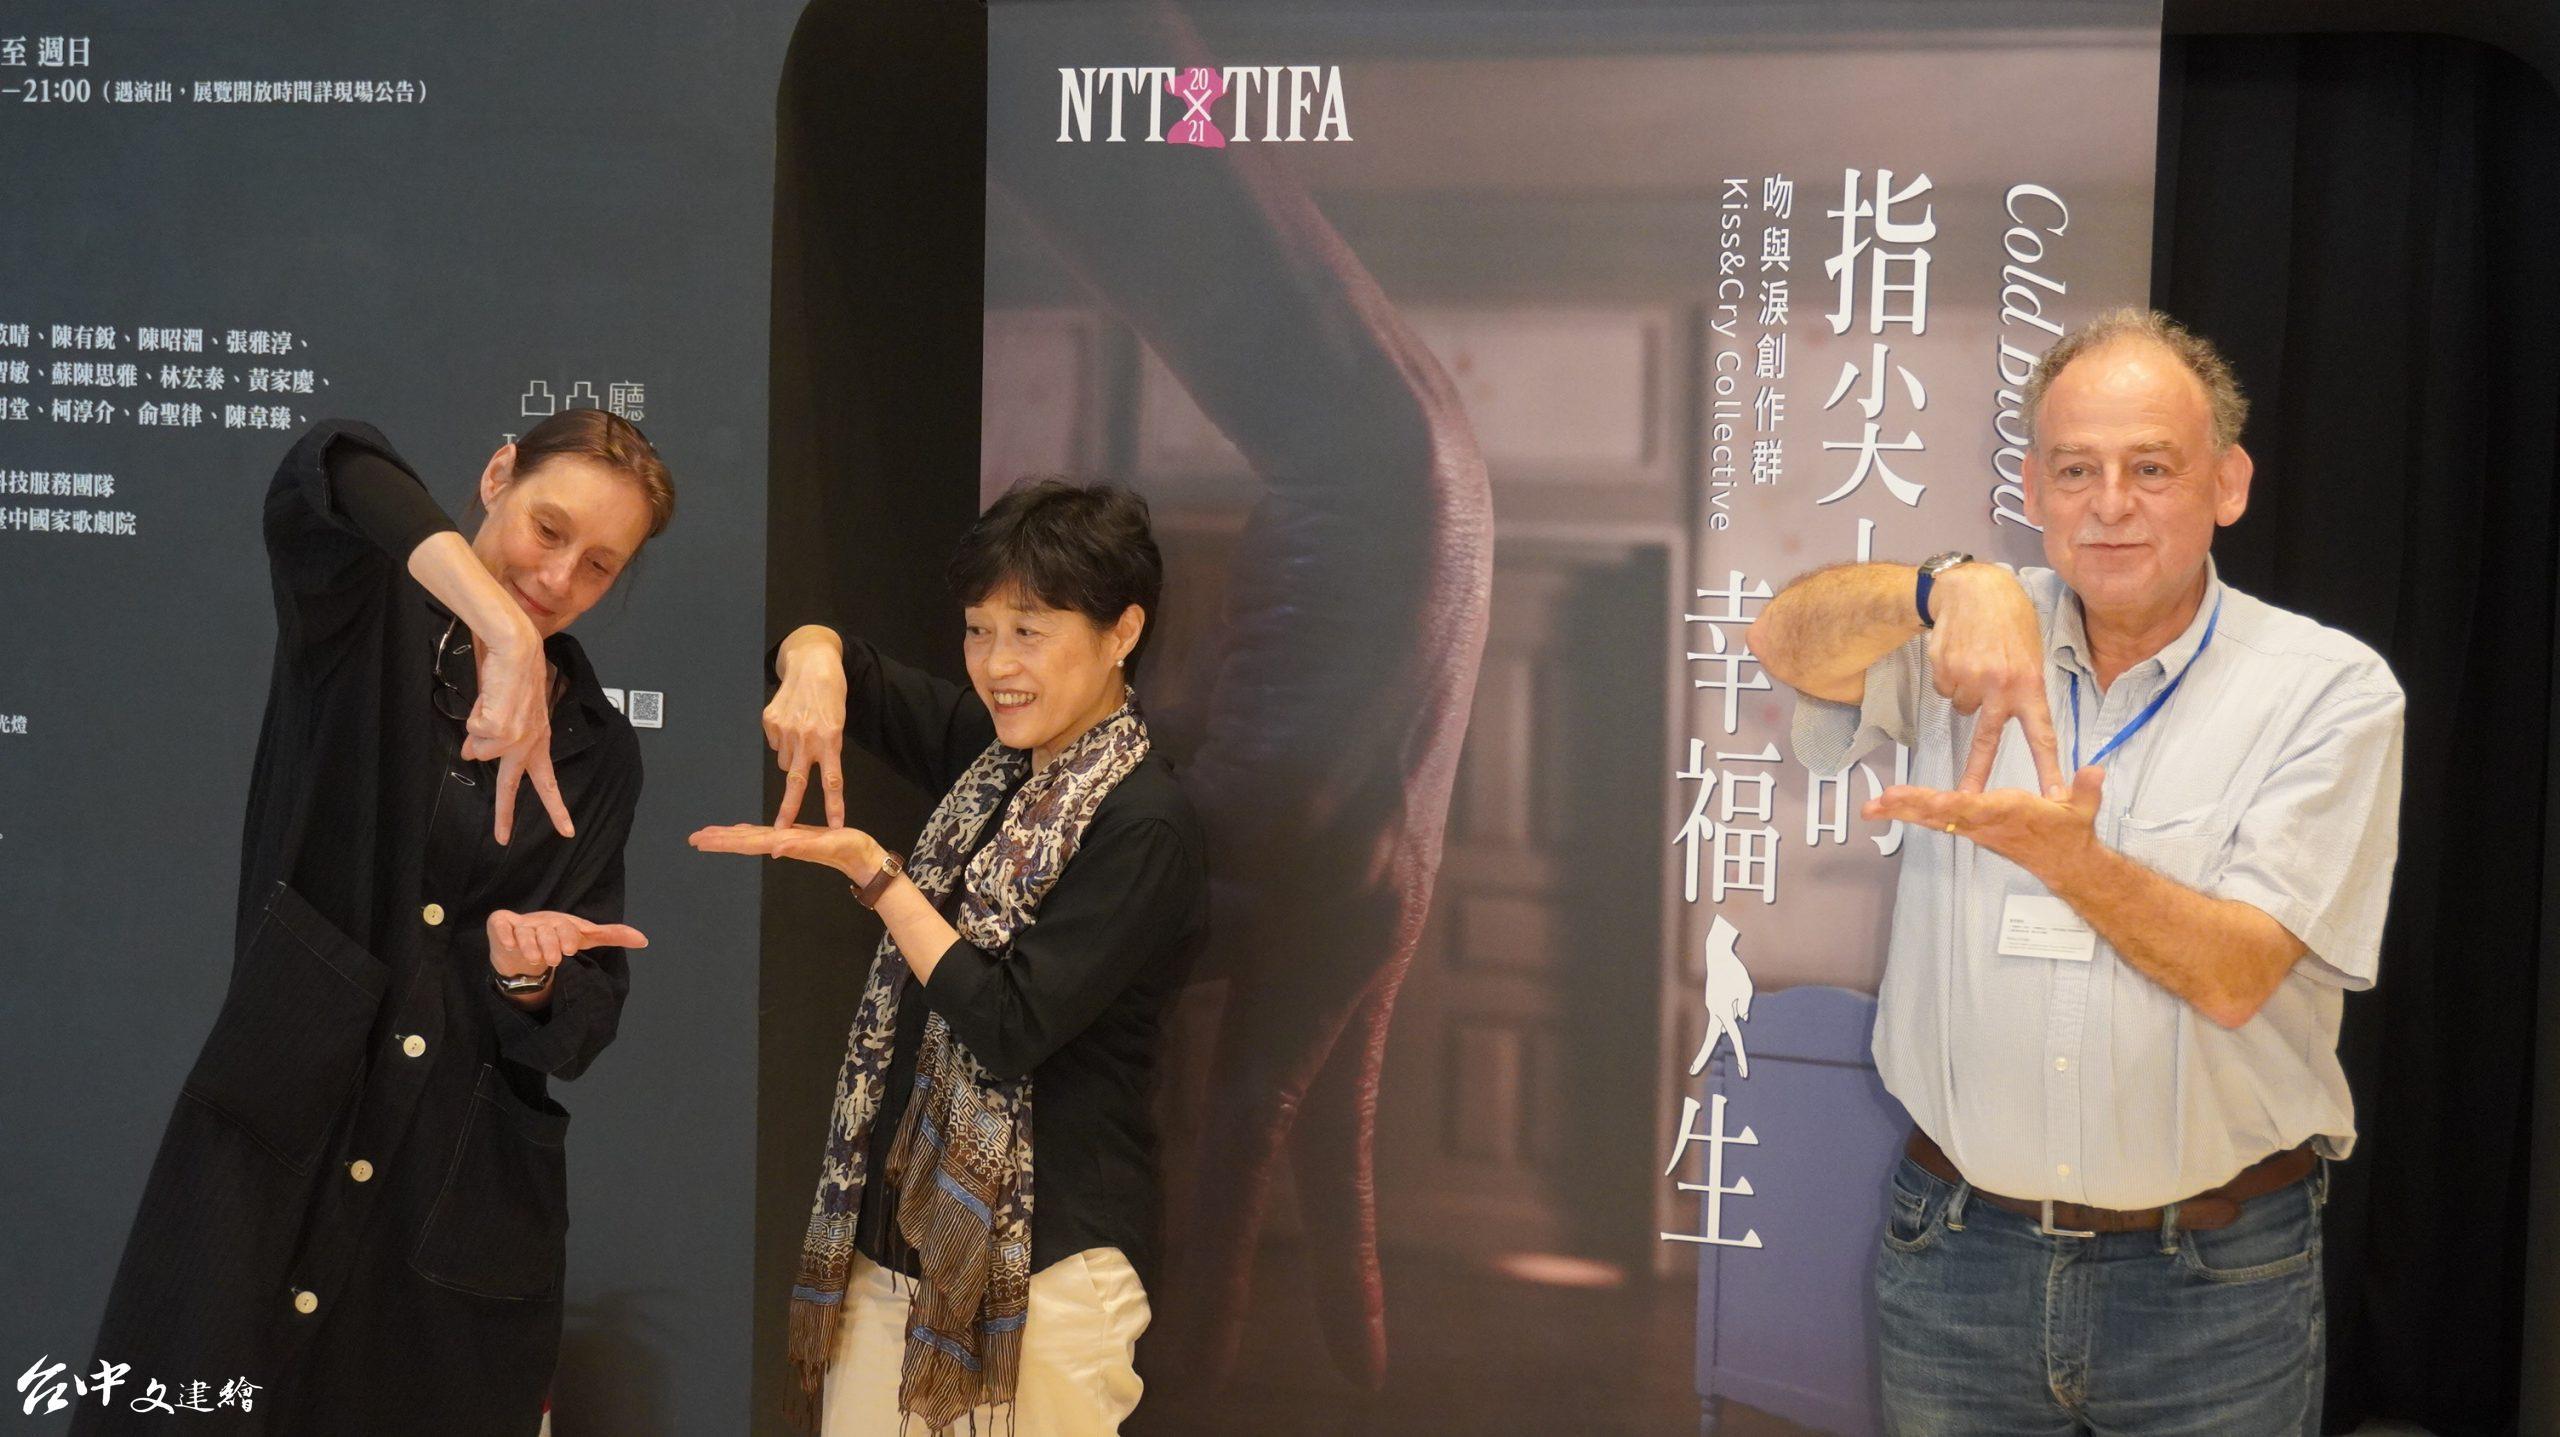 比利時「吻與淚創作群」帶著歐美暢銷手指劇《指尖上的幸福人生》來台,左為編舞家及手指舞者 Michèle Anne De Mey 、中為台中歌劇院總監邱瑗、右為導演 Jaco van Dormael 。(圖:台中文建繪)